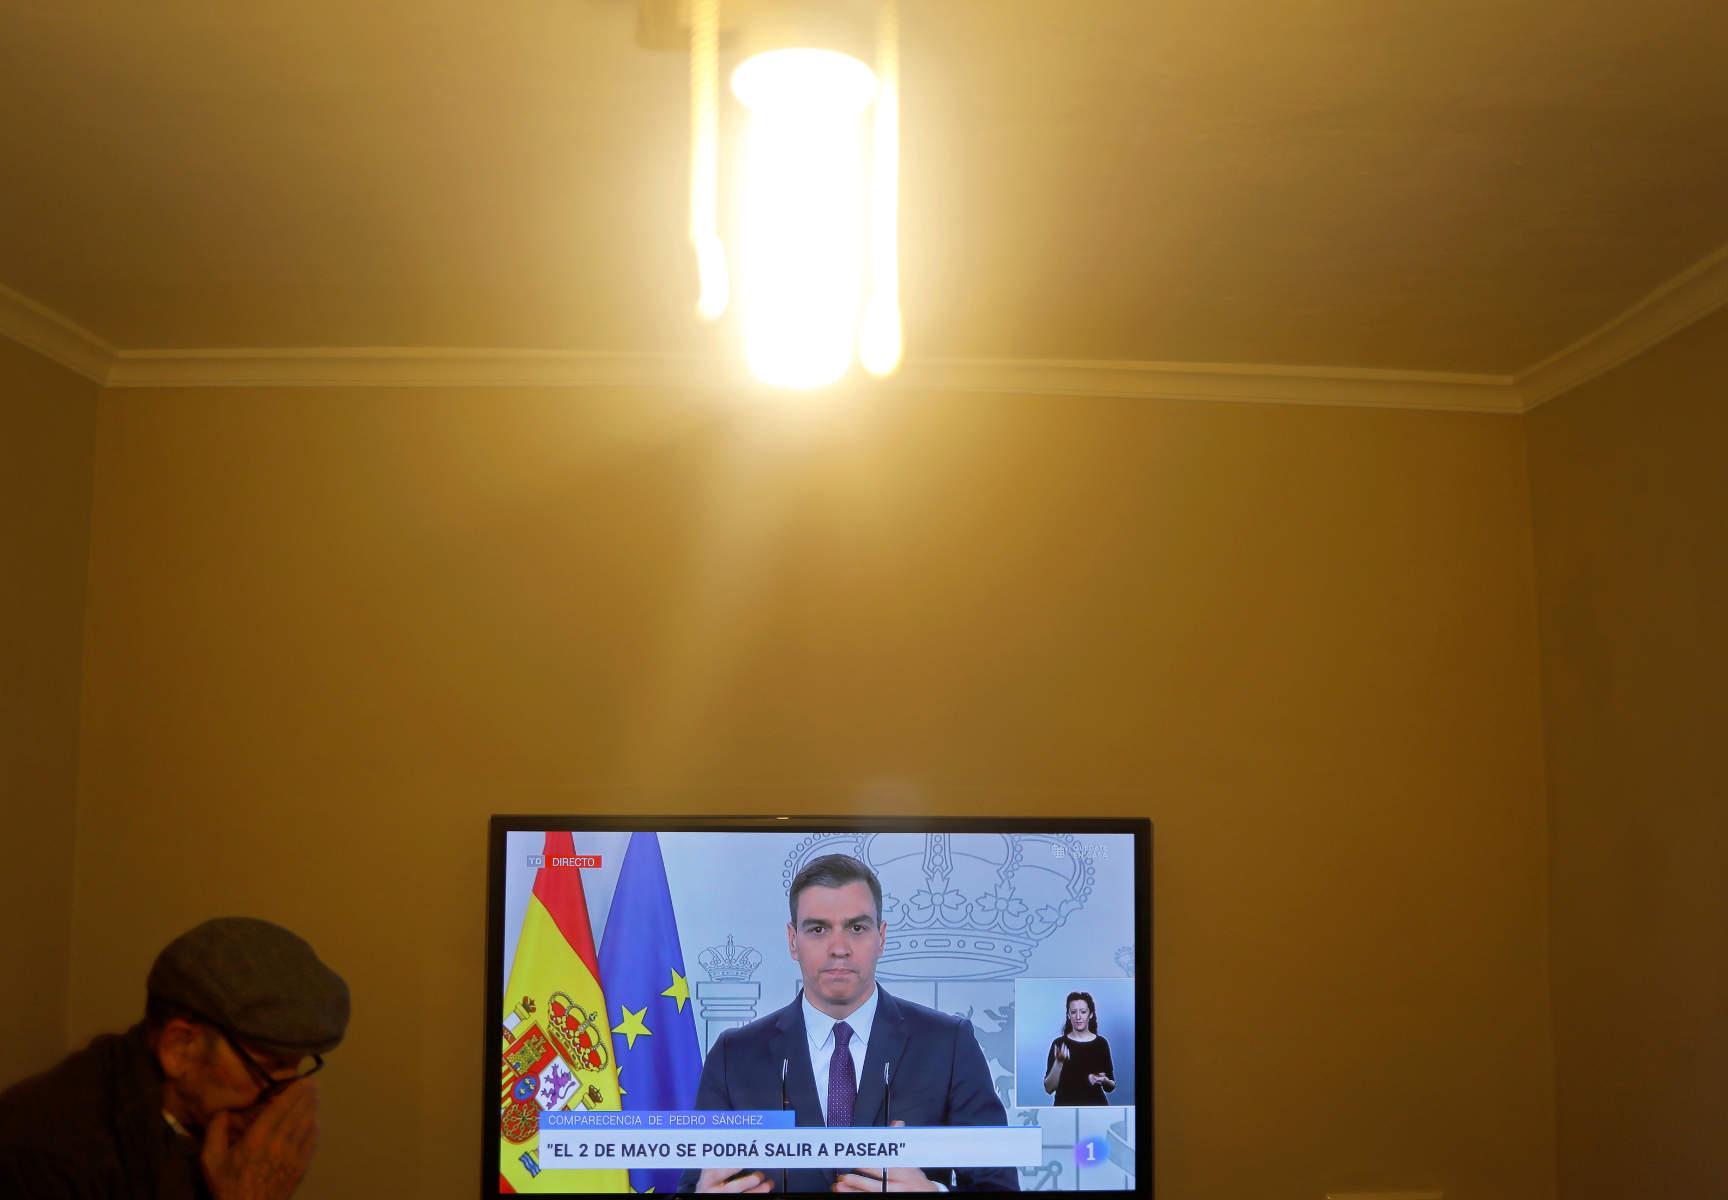 Βγαίνει από την καραντίνα η Ισπανία – Σταδιακή άρση των περιορισμών ανακοίνωσε ο Σάντσεθ